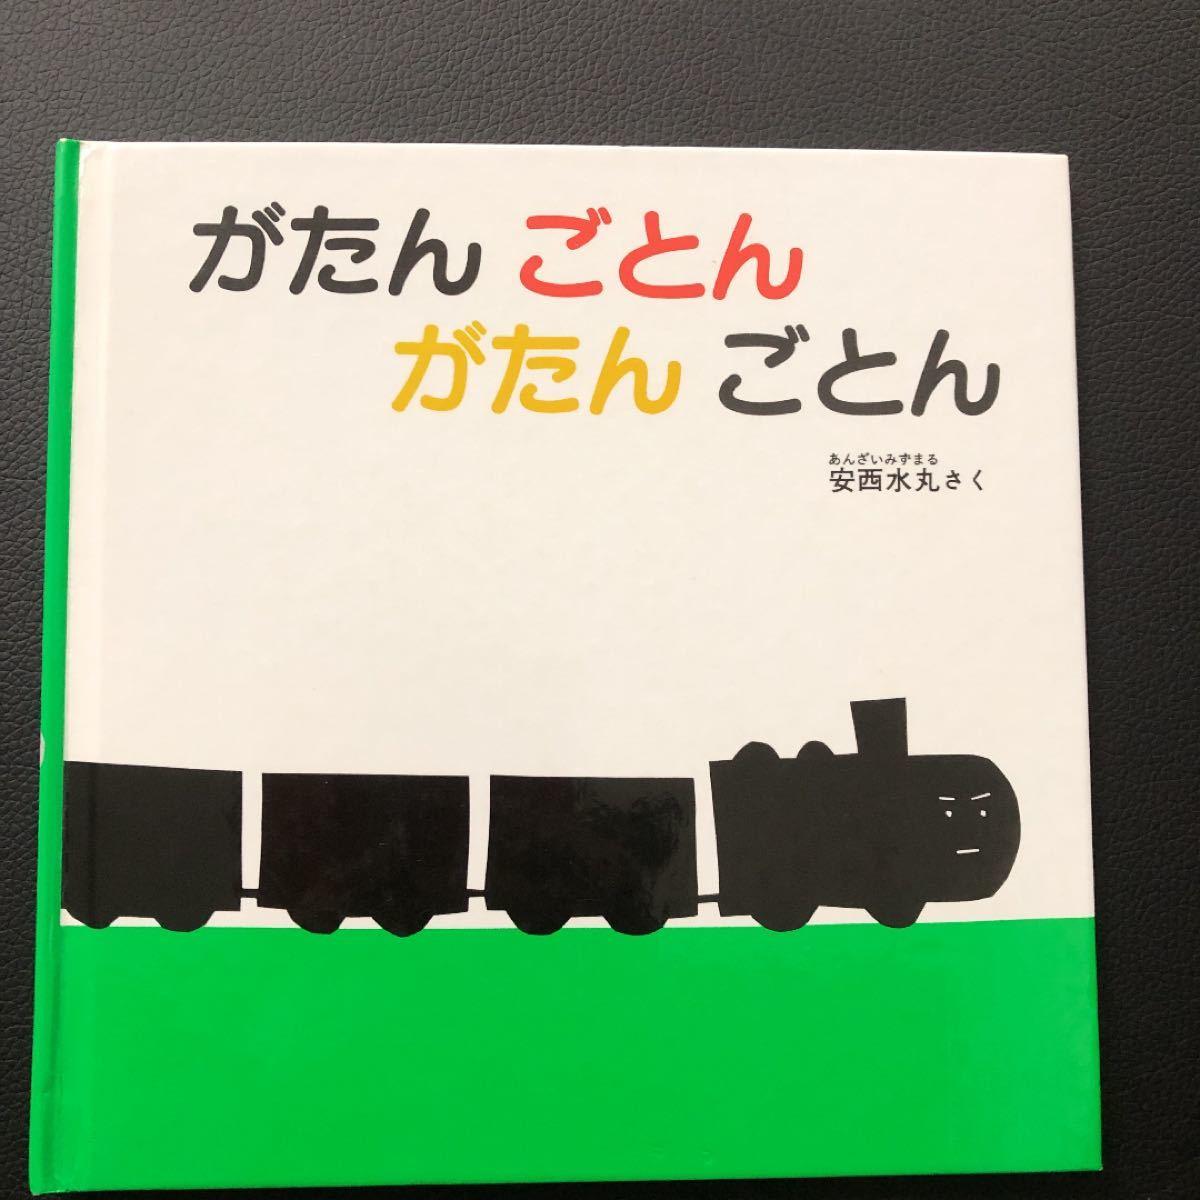 赤ちゃんの絵本 2冊セット☆くっついた がたんごとん こぐま社  五味太郎 福音館